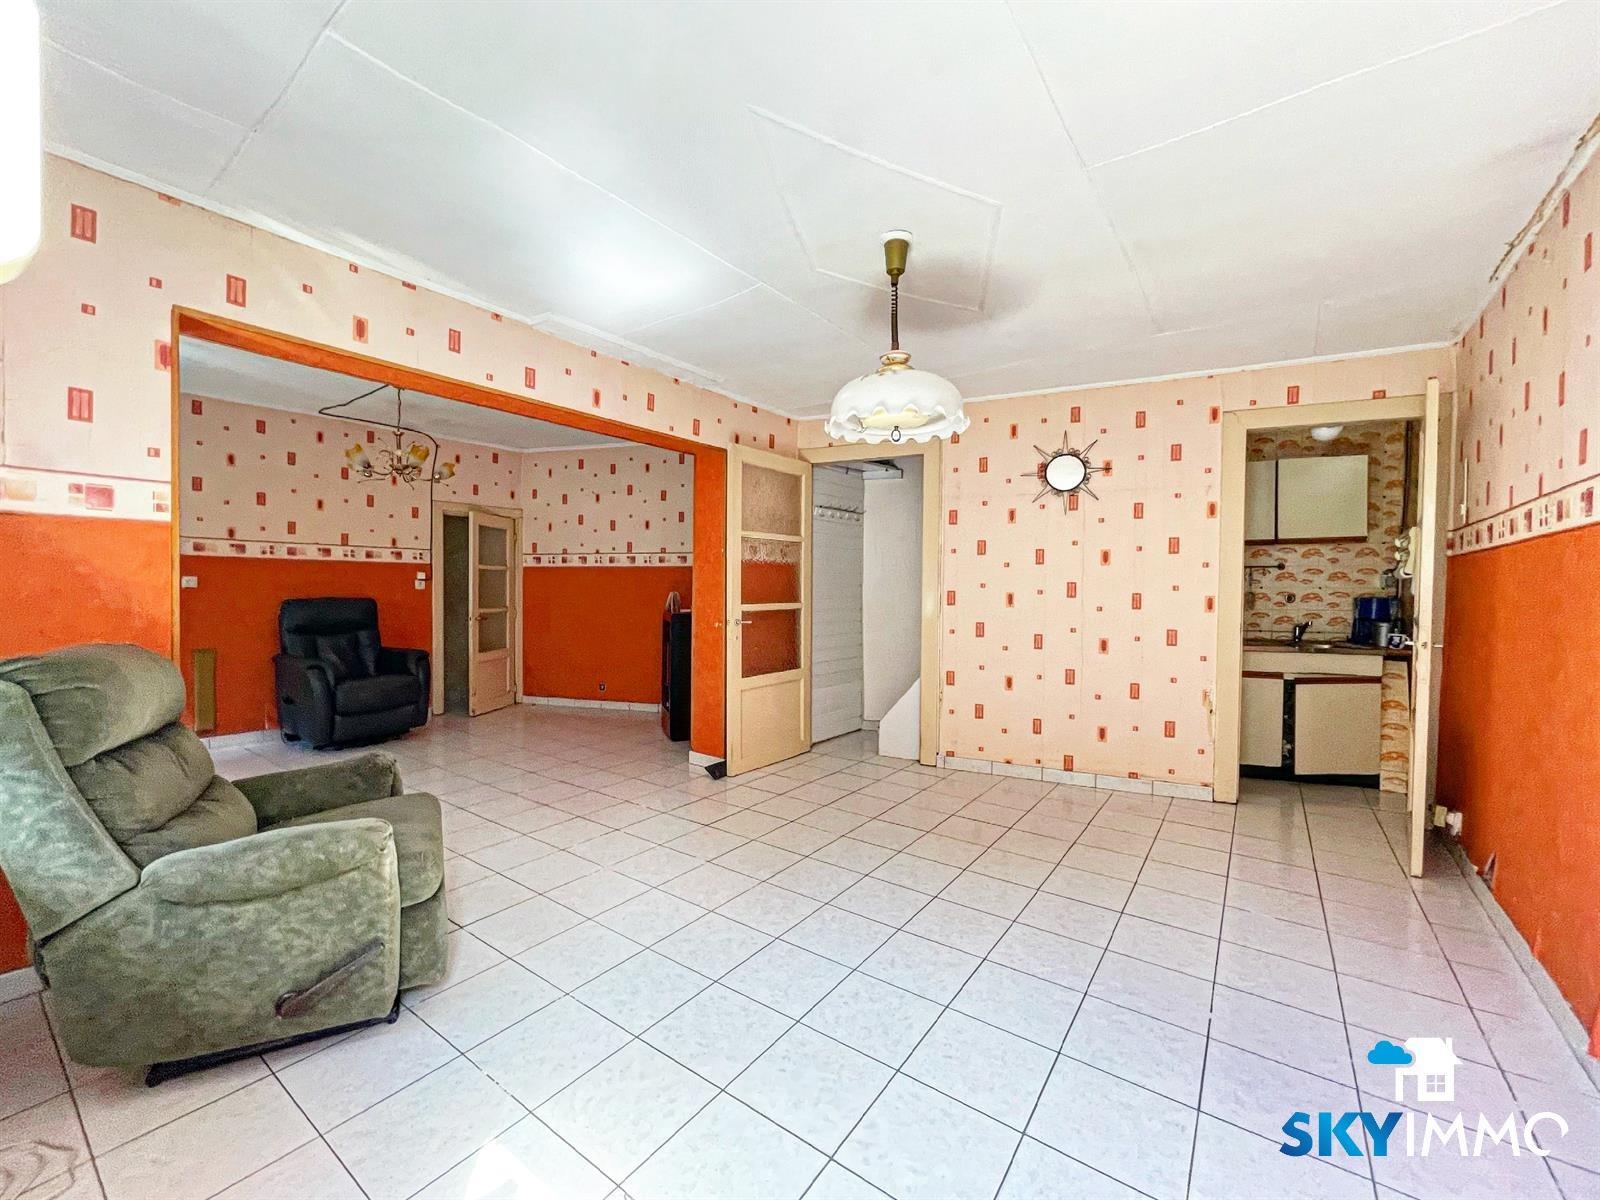 Maison - Seraing - #4381541-2